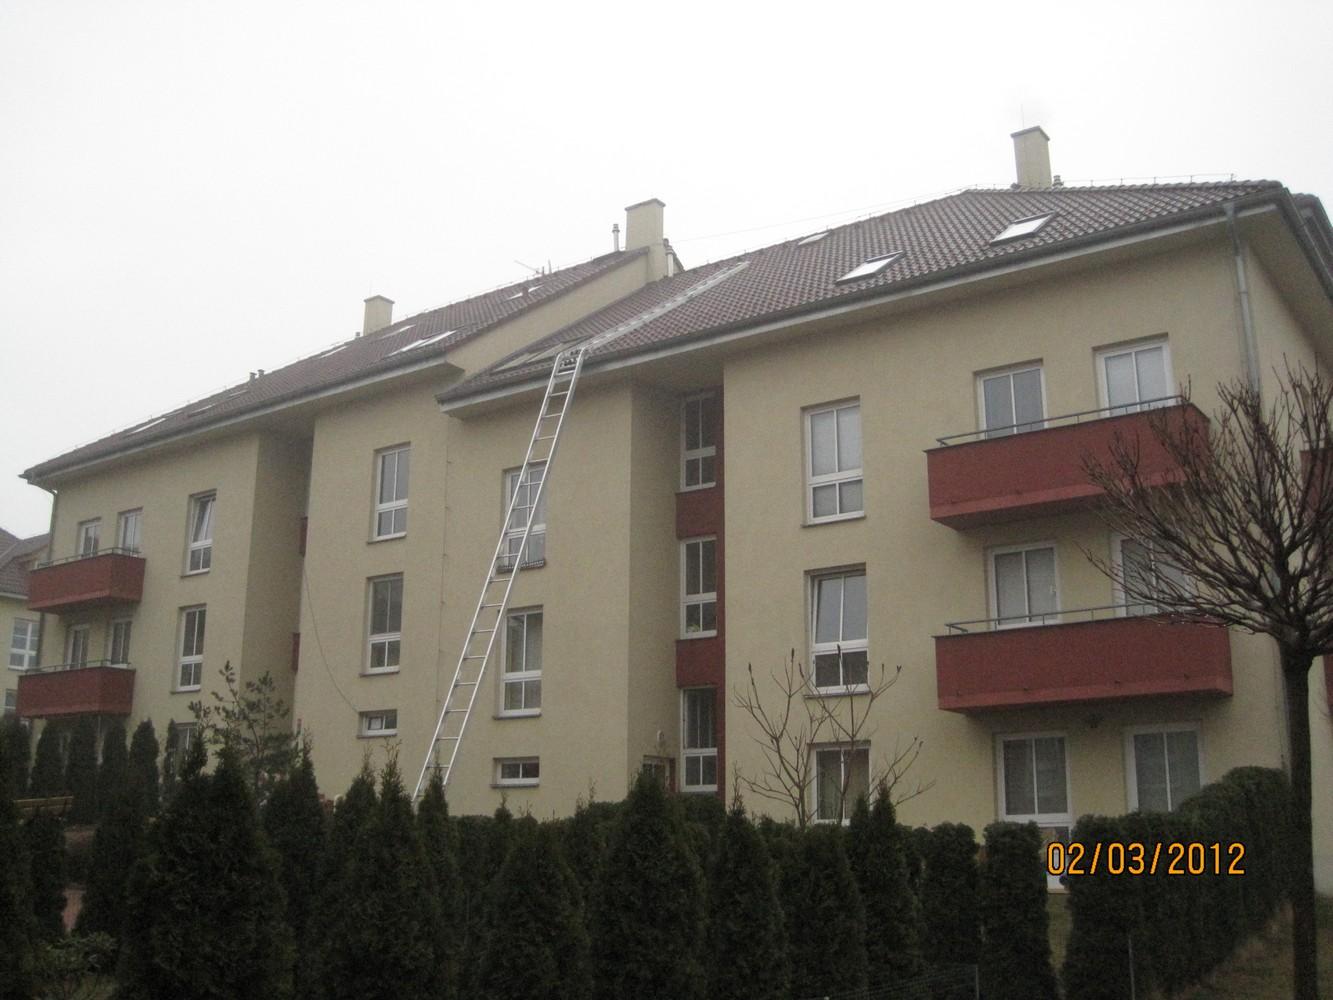 objekty bytového komplexu Mladotova ul.